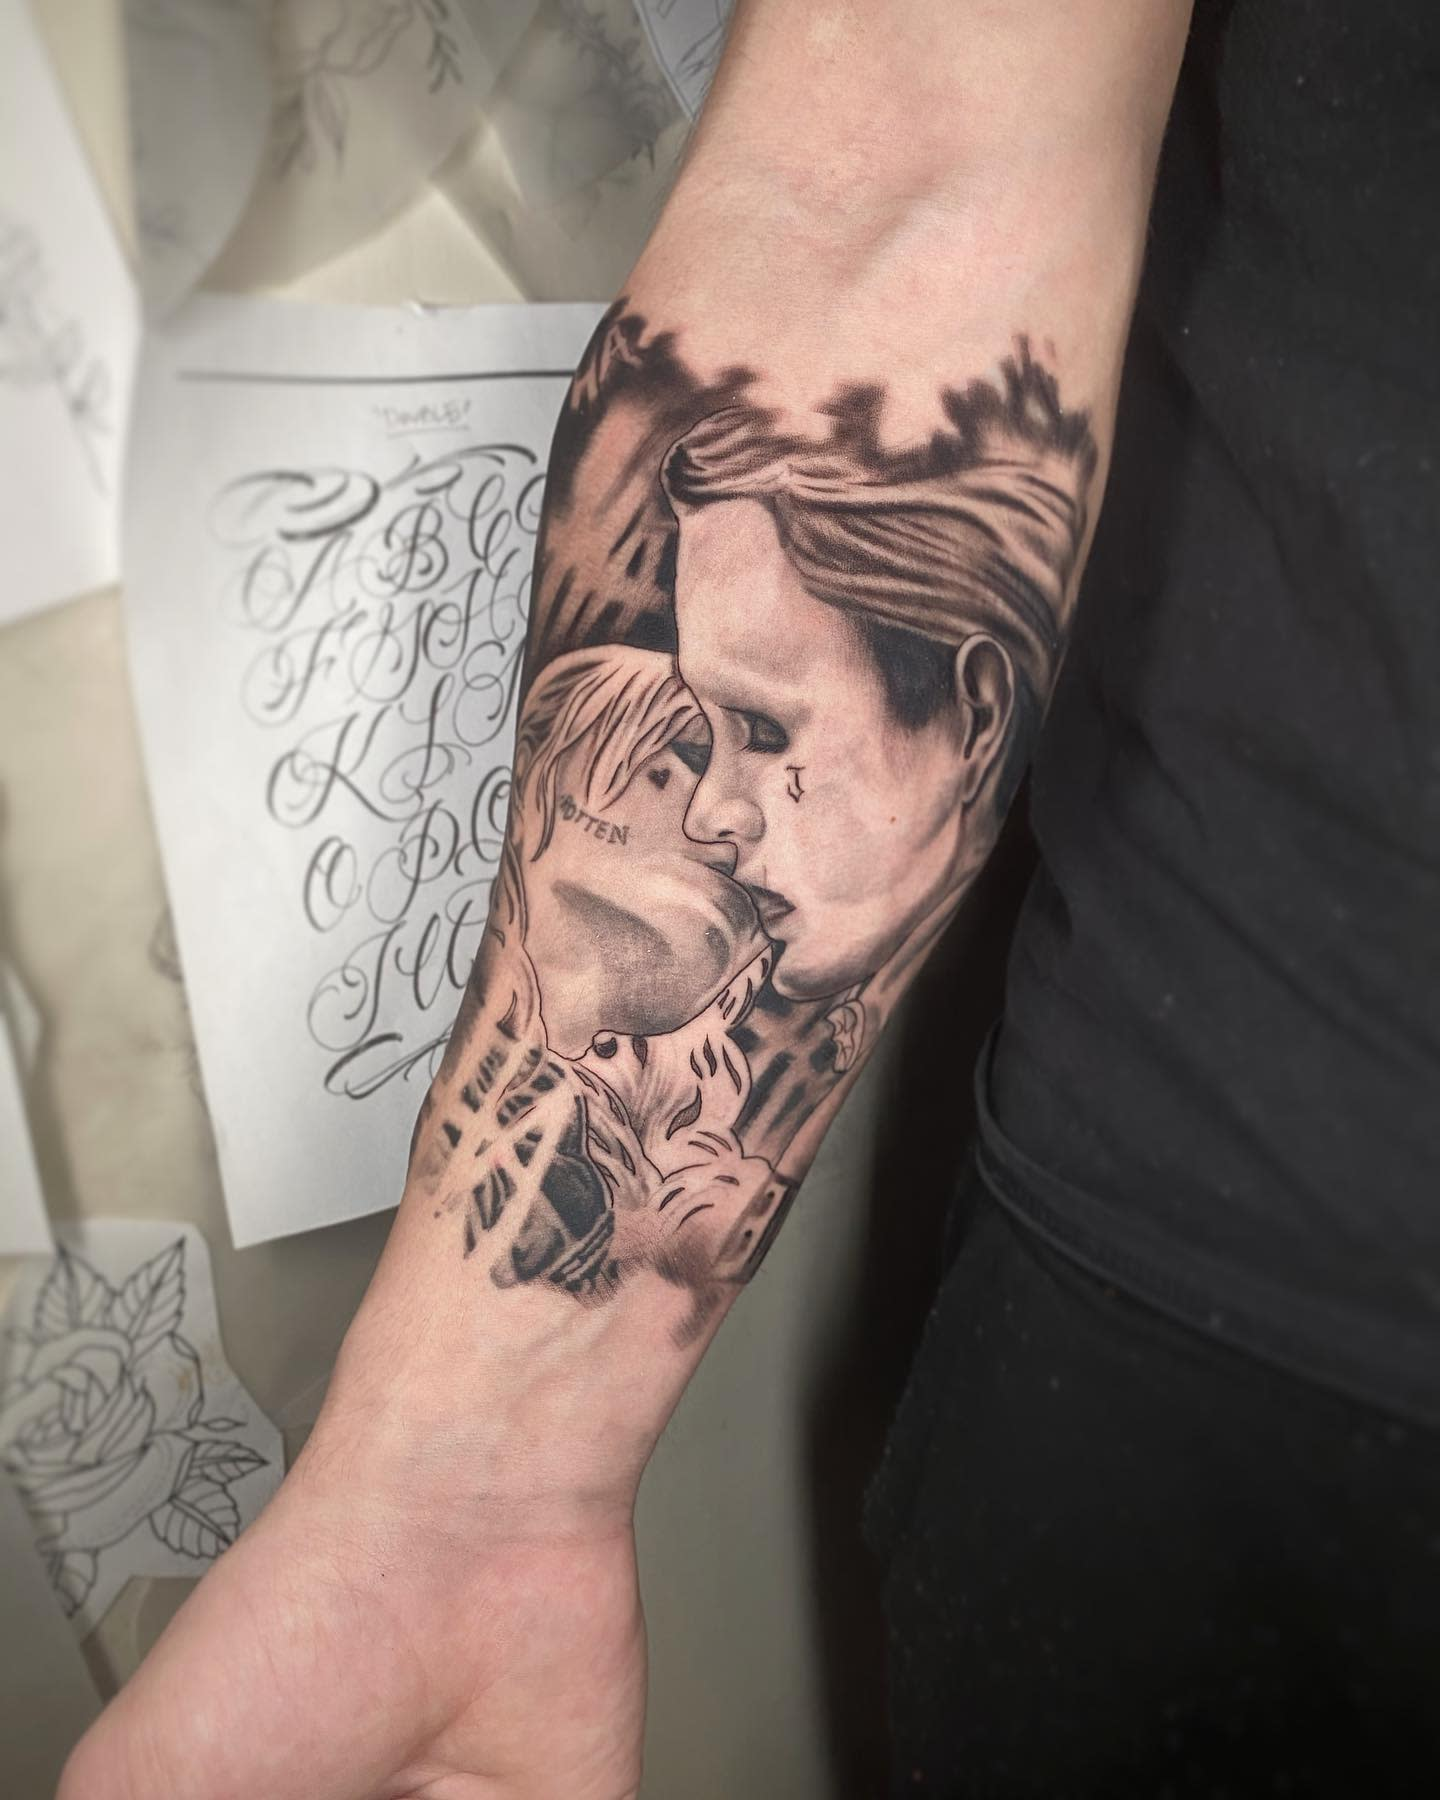 Joker Harley Quinn Tattoo Ideas -stickers_the_tattooer_